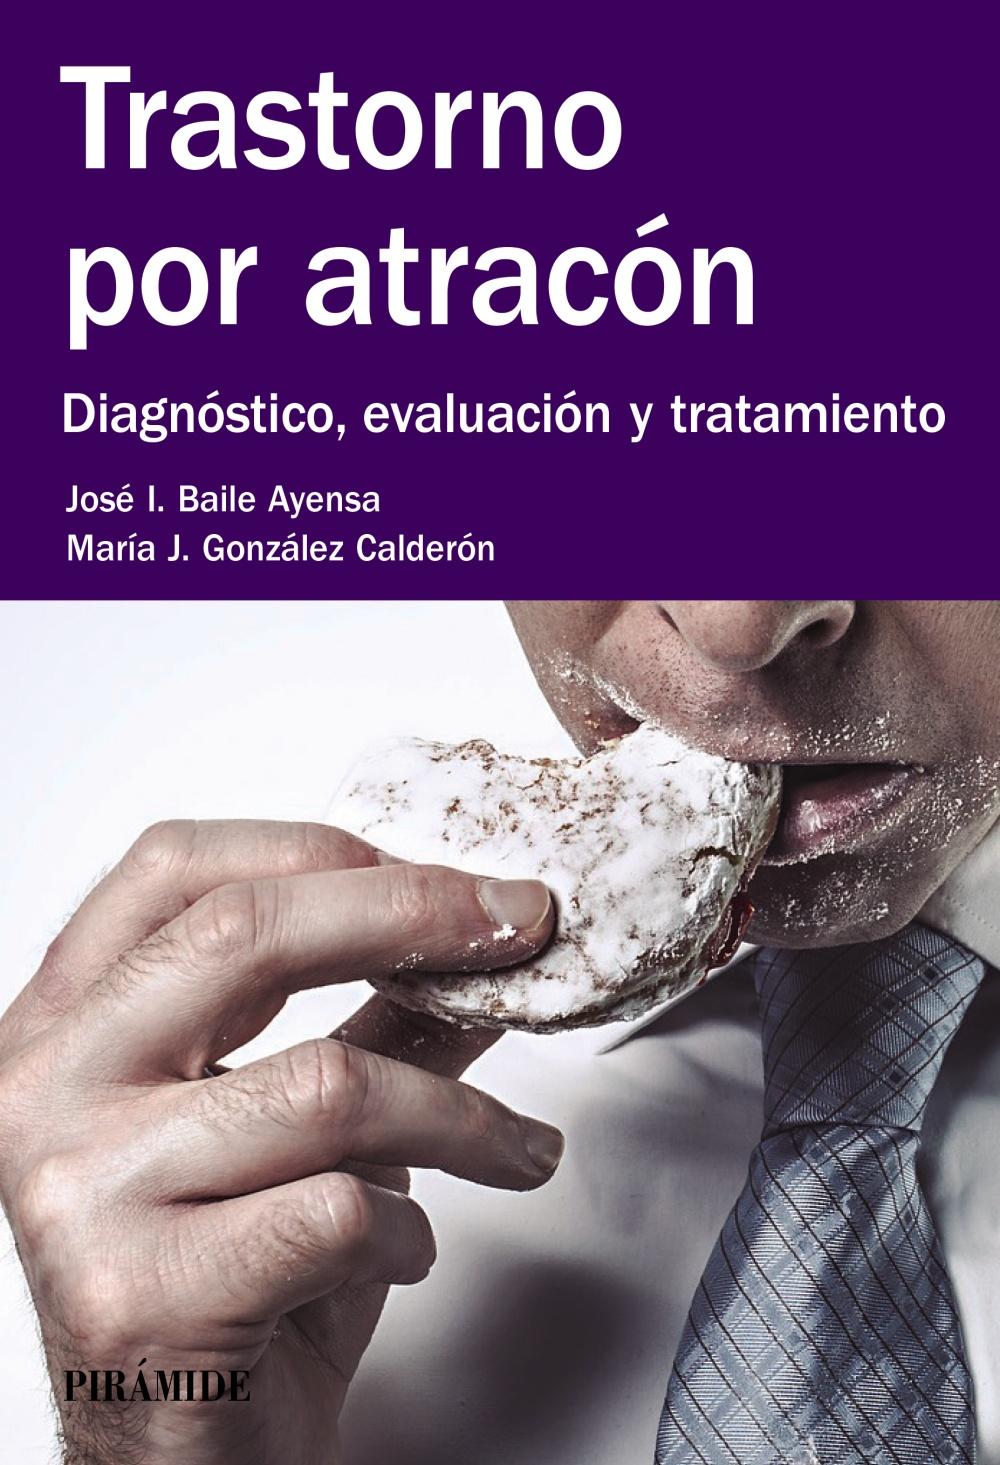 Trastorno por atracón (ebook)